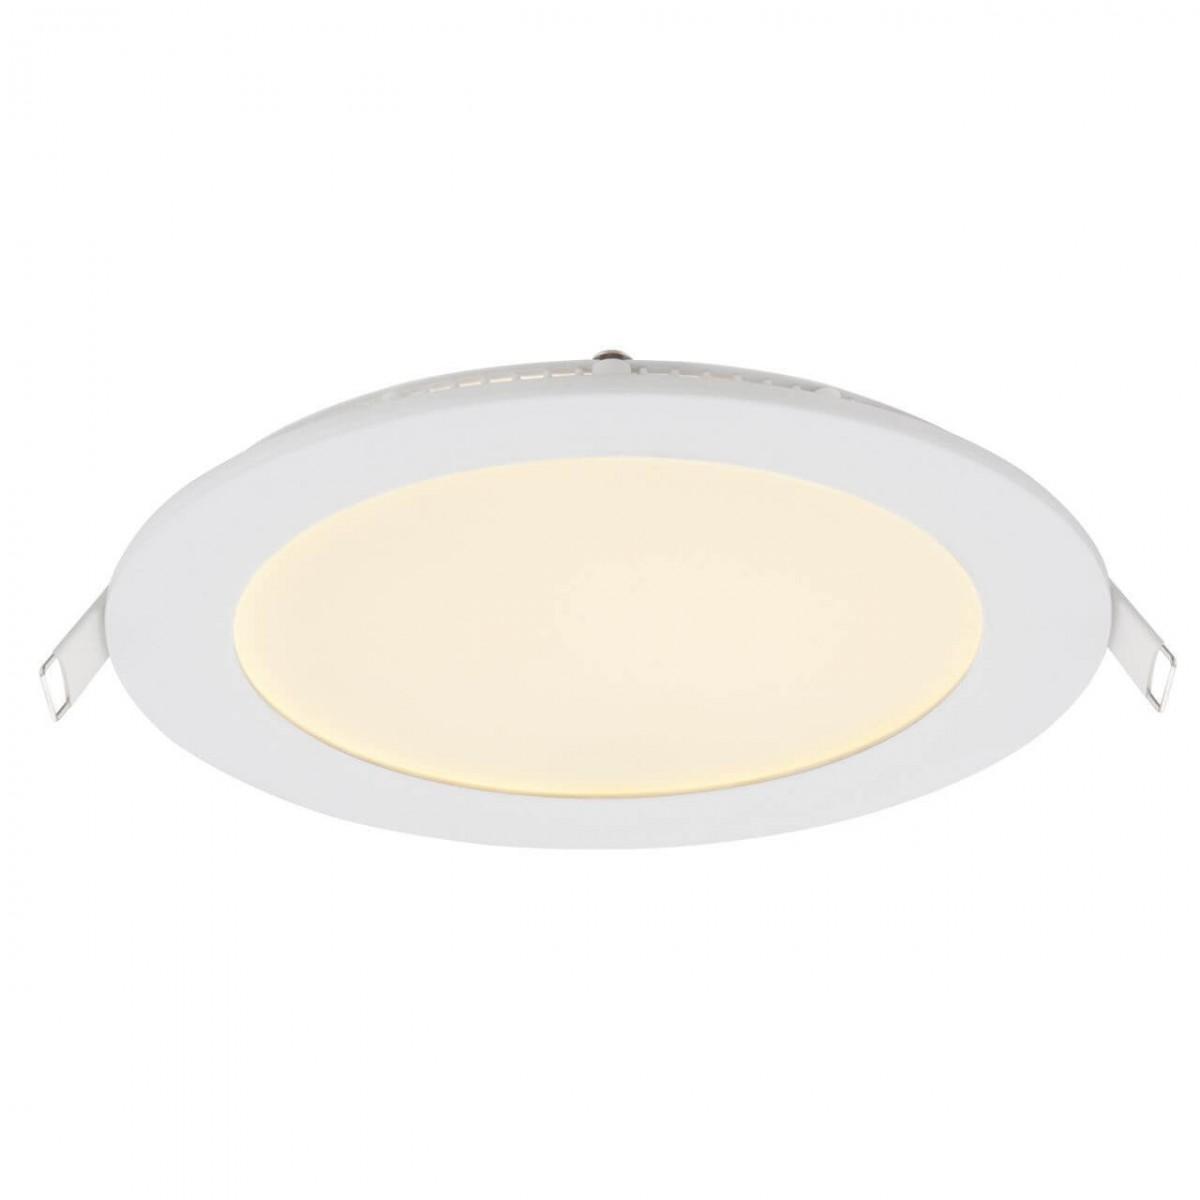 Встраиваемый светодиодный светильник Globo Alid 12372W